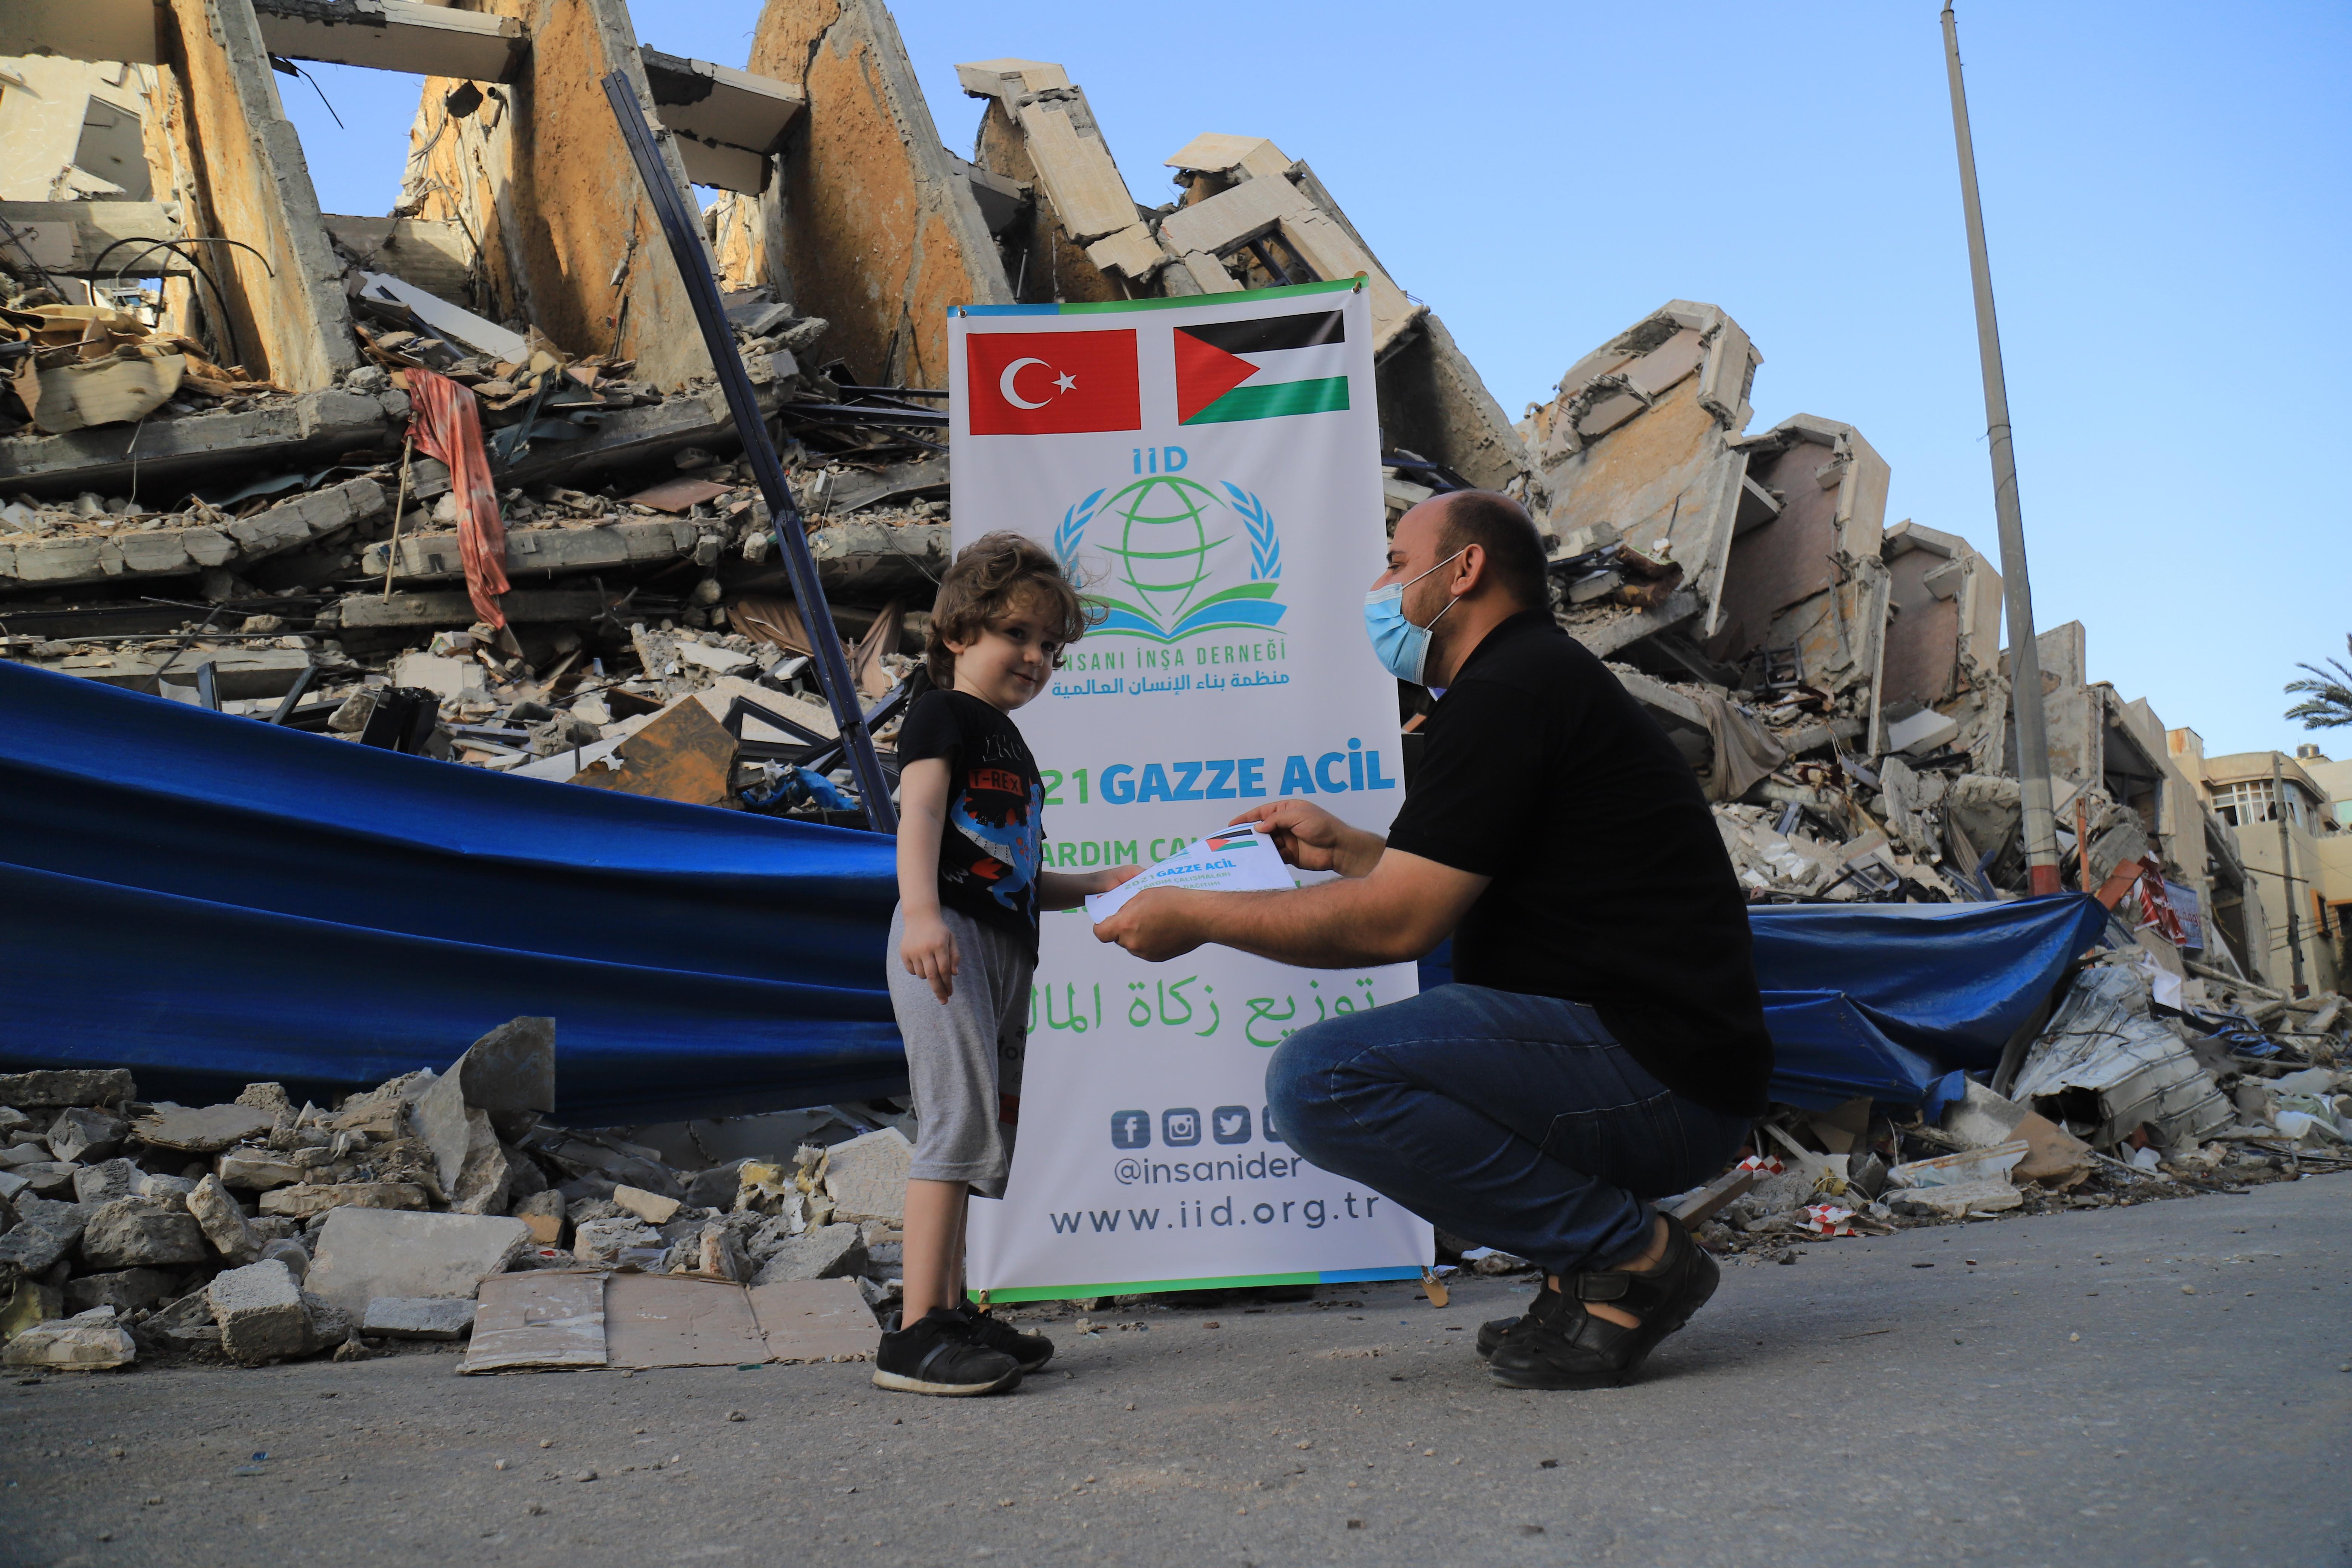 Zekâtlarınız Gazze'ye ulaştırmaya devam ediyoruz. - Haberler - İnsanı İnşa Derneği İİD. Uluslararası Yardım Kuruluşu